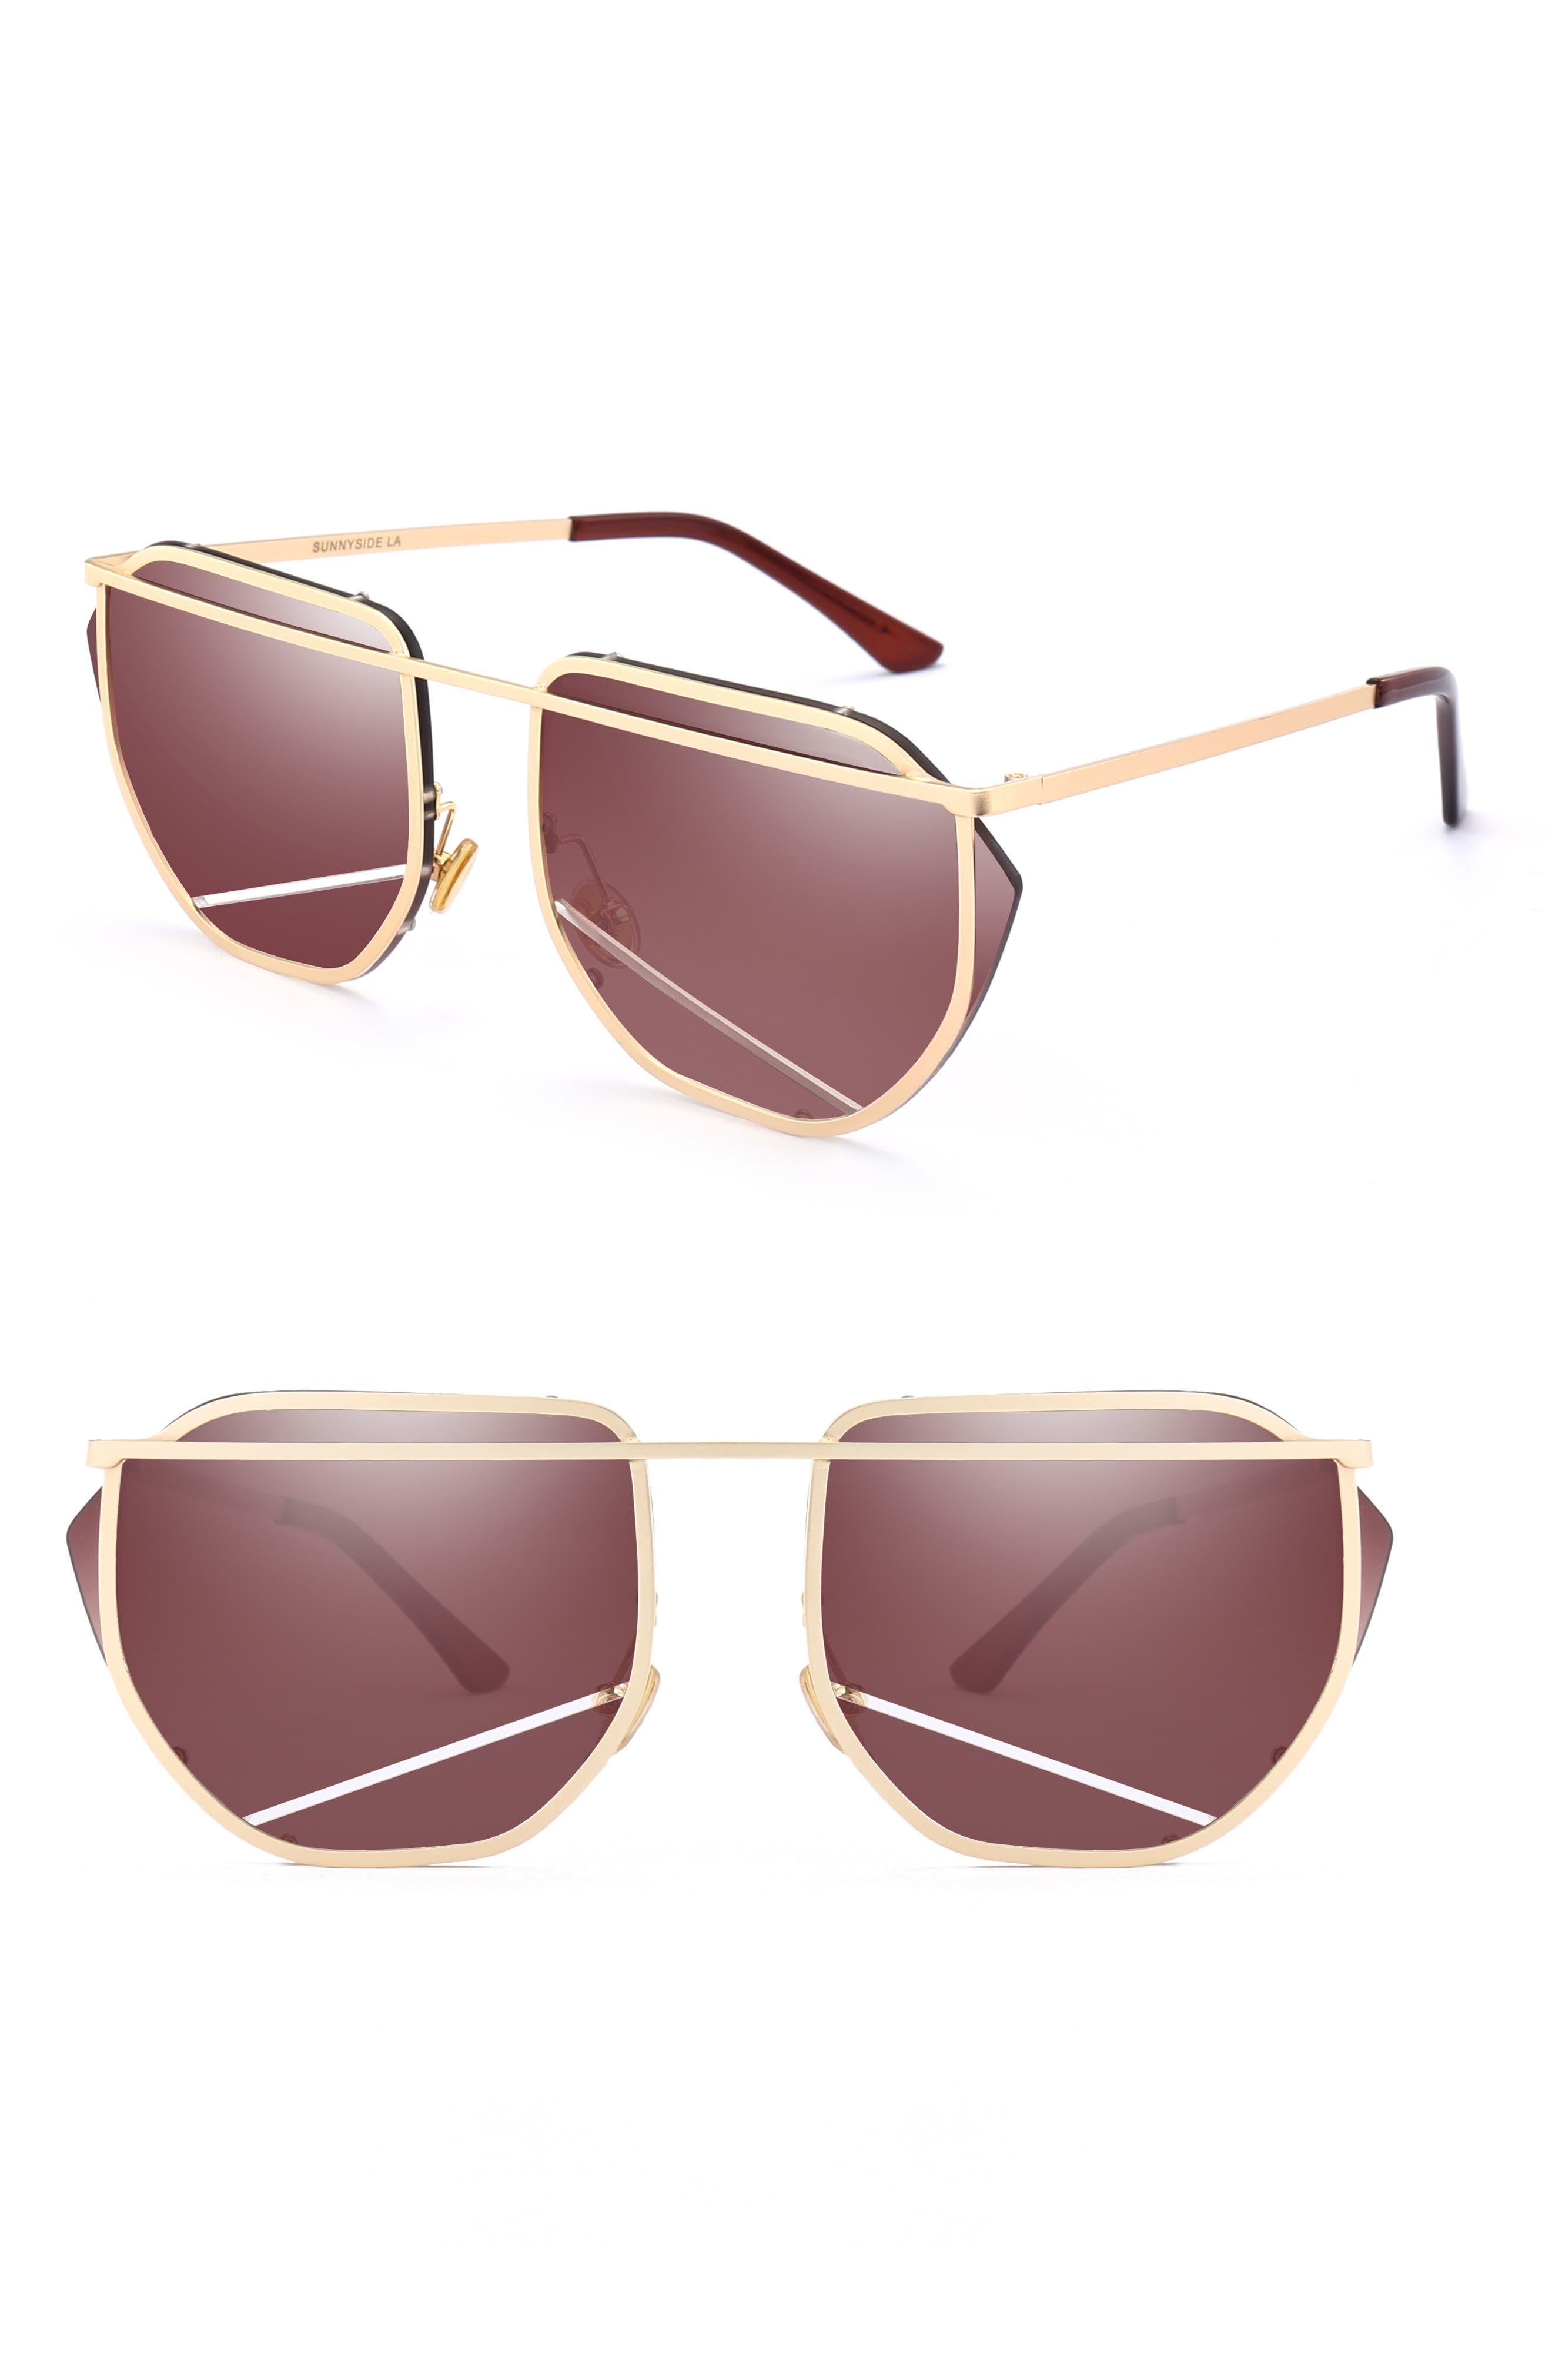 1ef323148d Sunnyside LA Sunglasses for Women